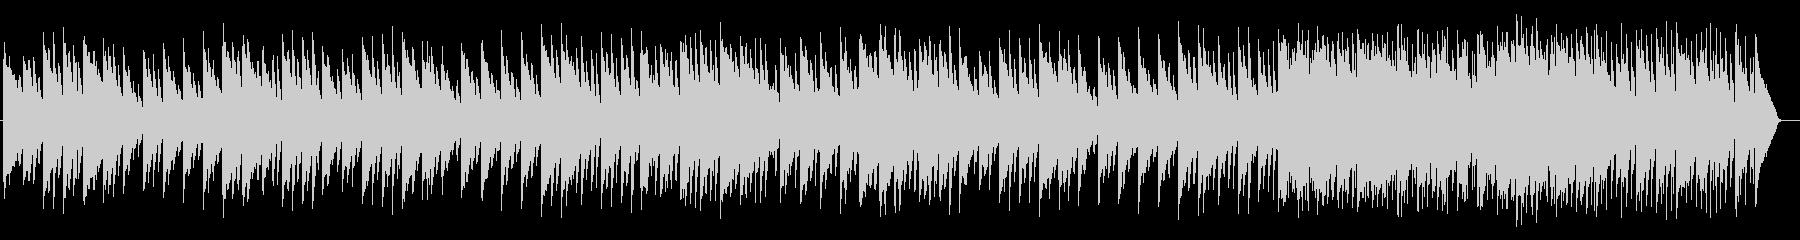 ガムランが特徴的なシンセミュージックの未再生の波形